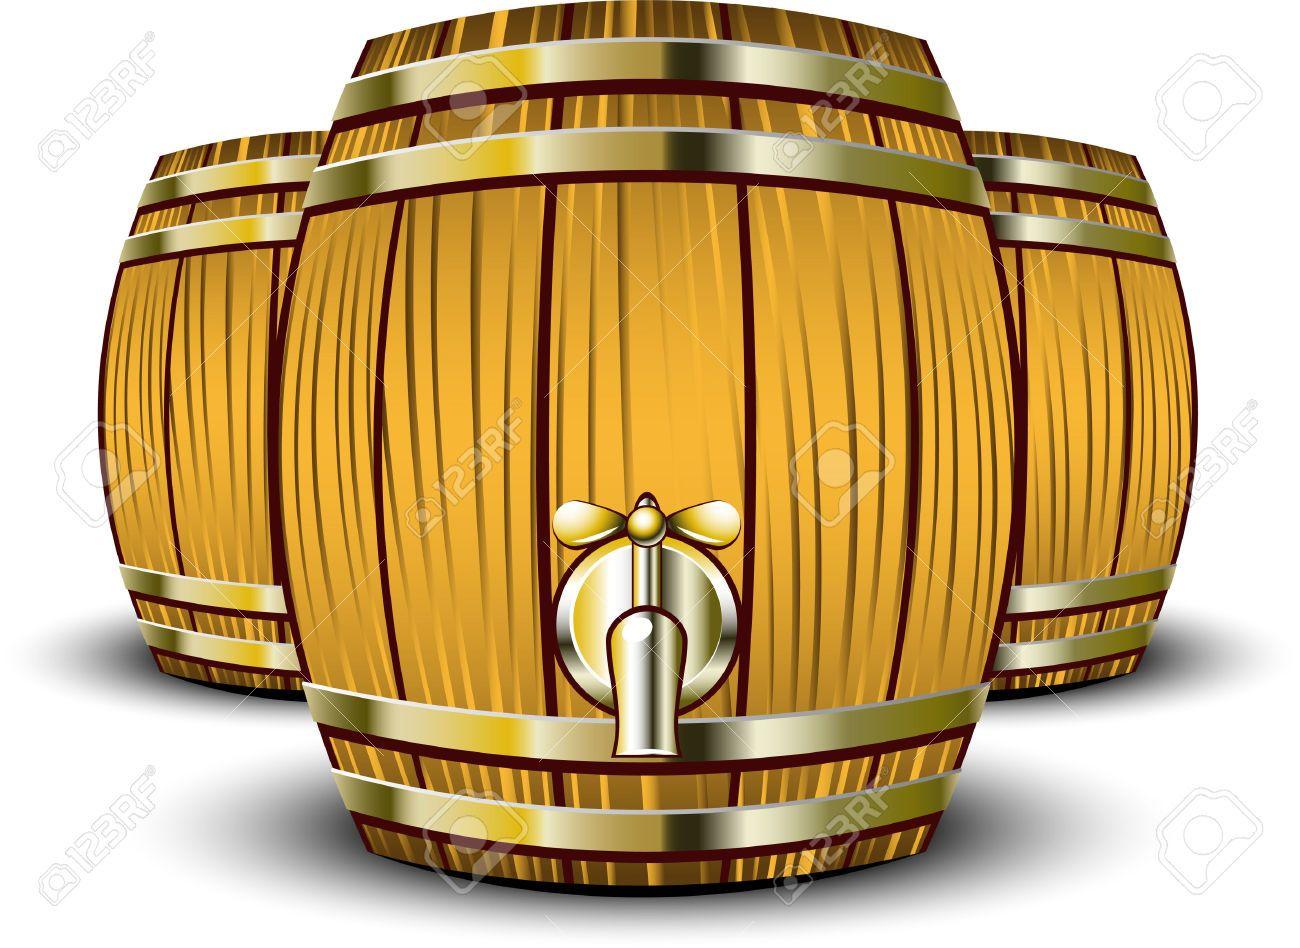 Pin On Beer Kegs